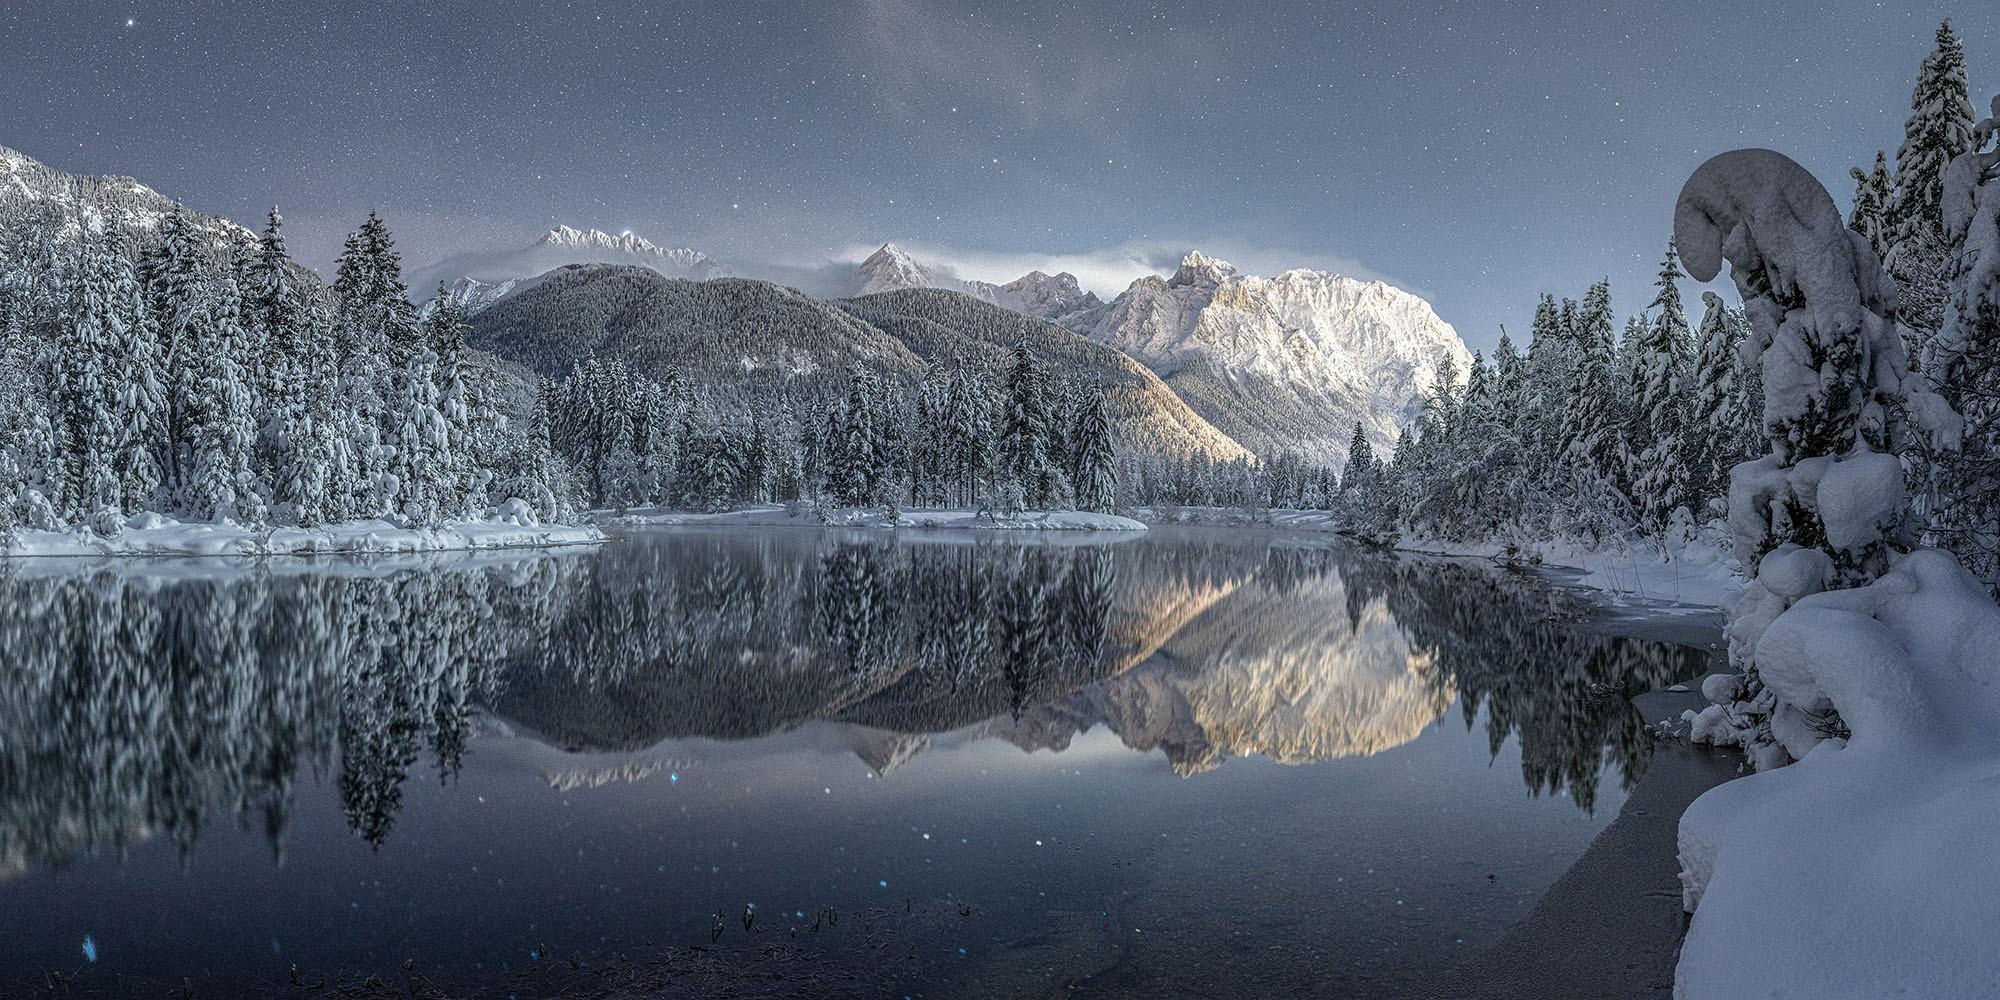 Bergsee bei Krün mit Blick auf Karwendel. Extreme Langzeitbelichtung einer traumhaften Winternacht.Imposante Schleierwolken